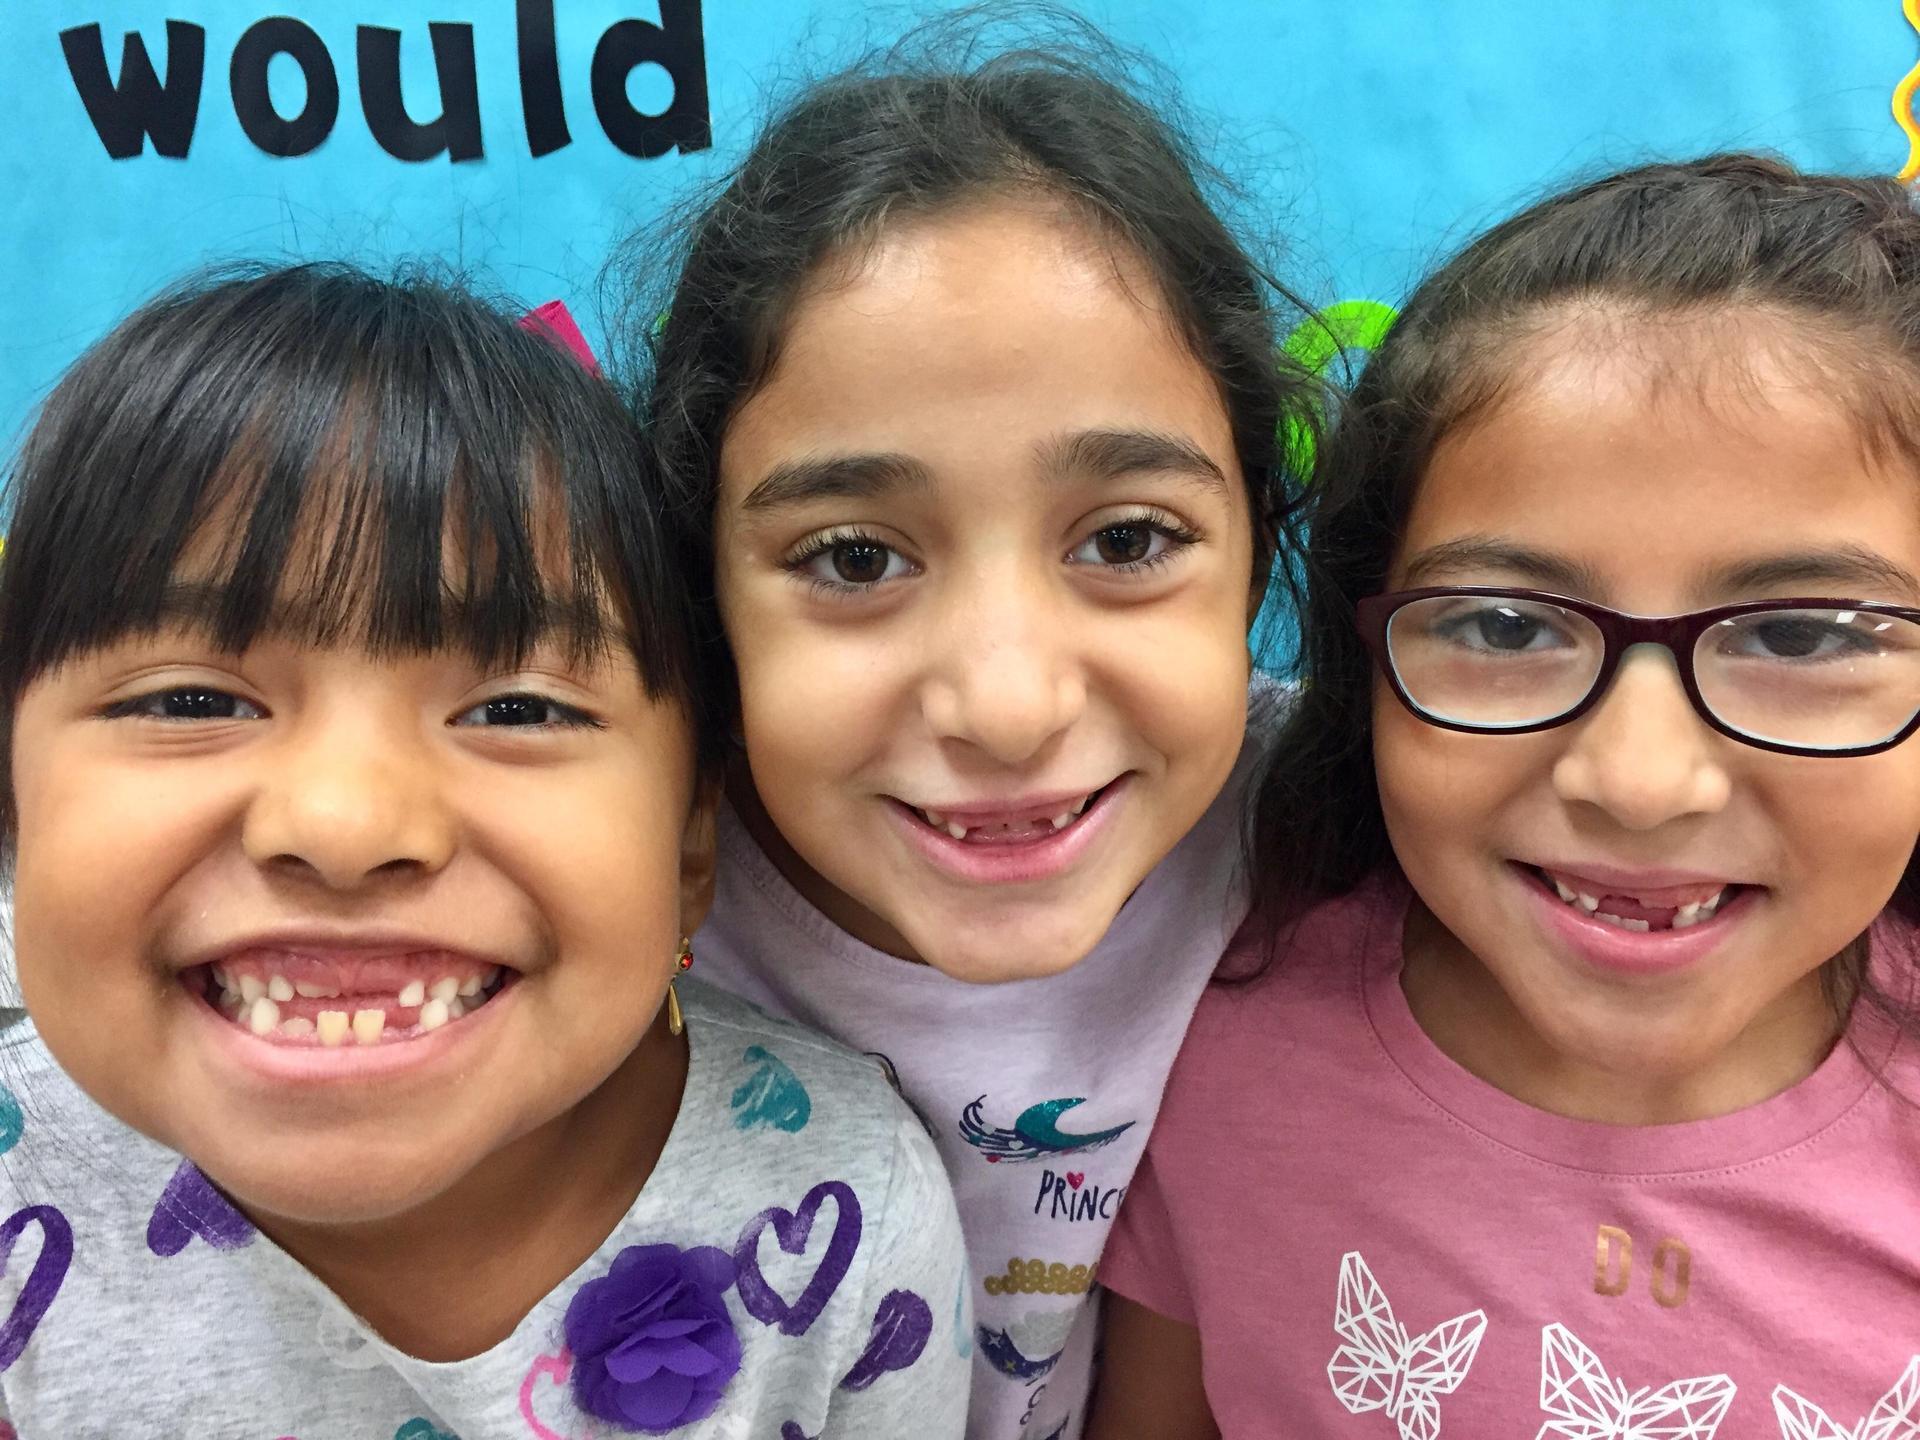 girls missing teeth